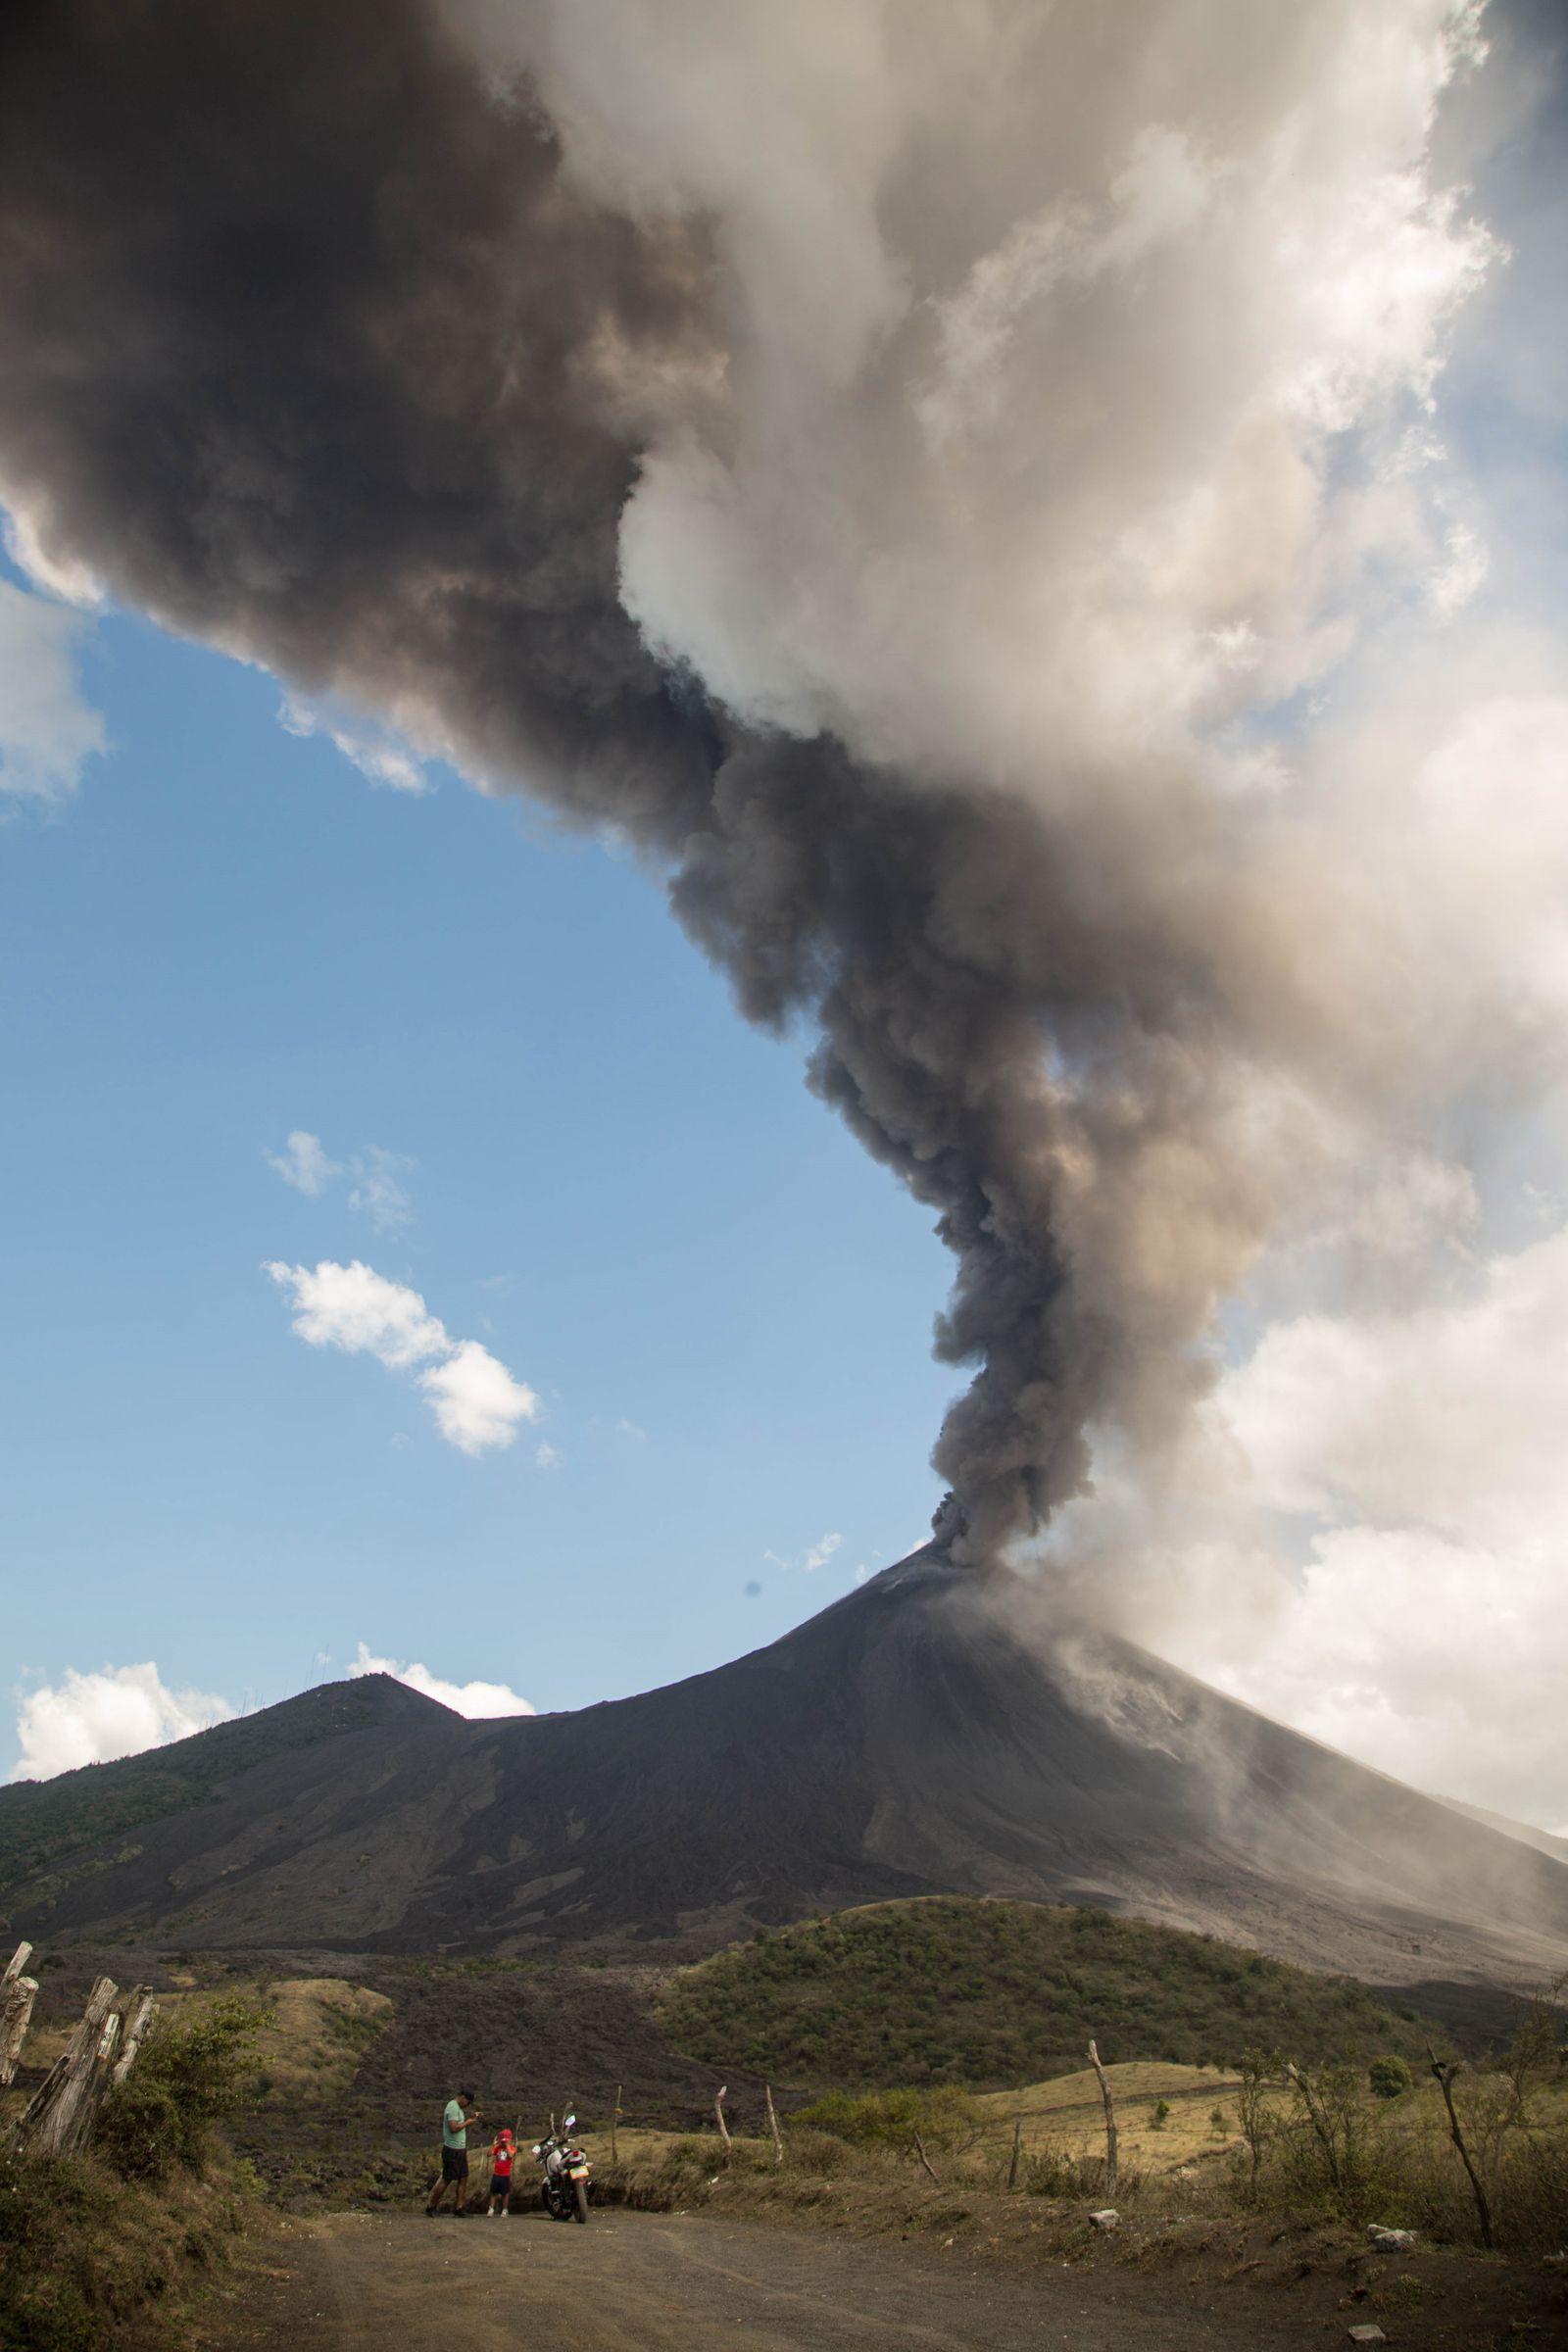 Guatemala's Pacaya volcano eruption